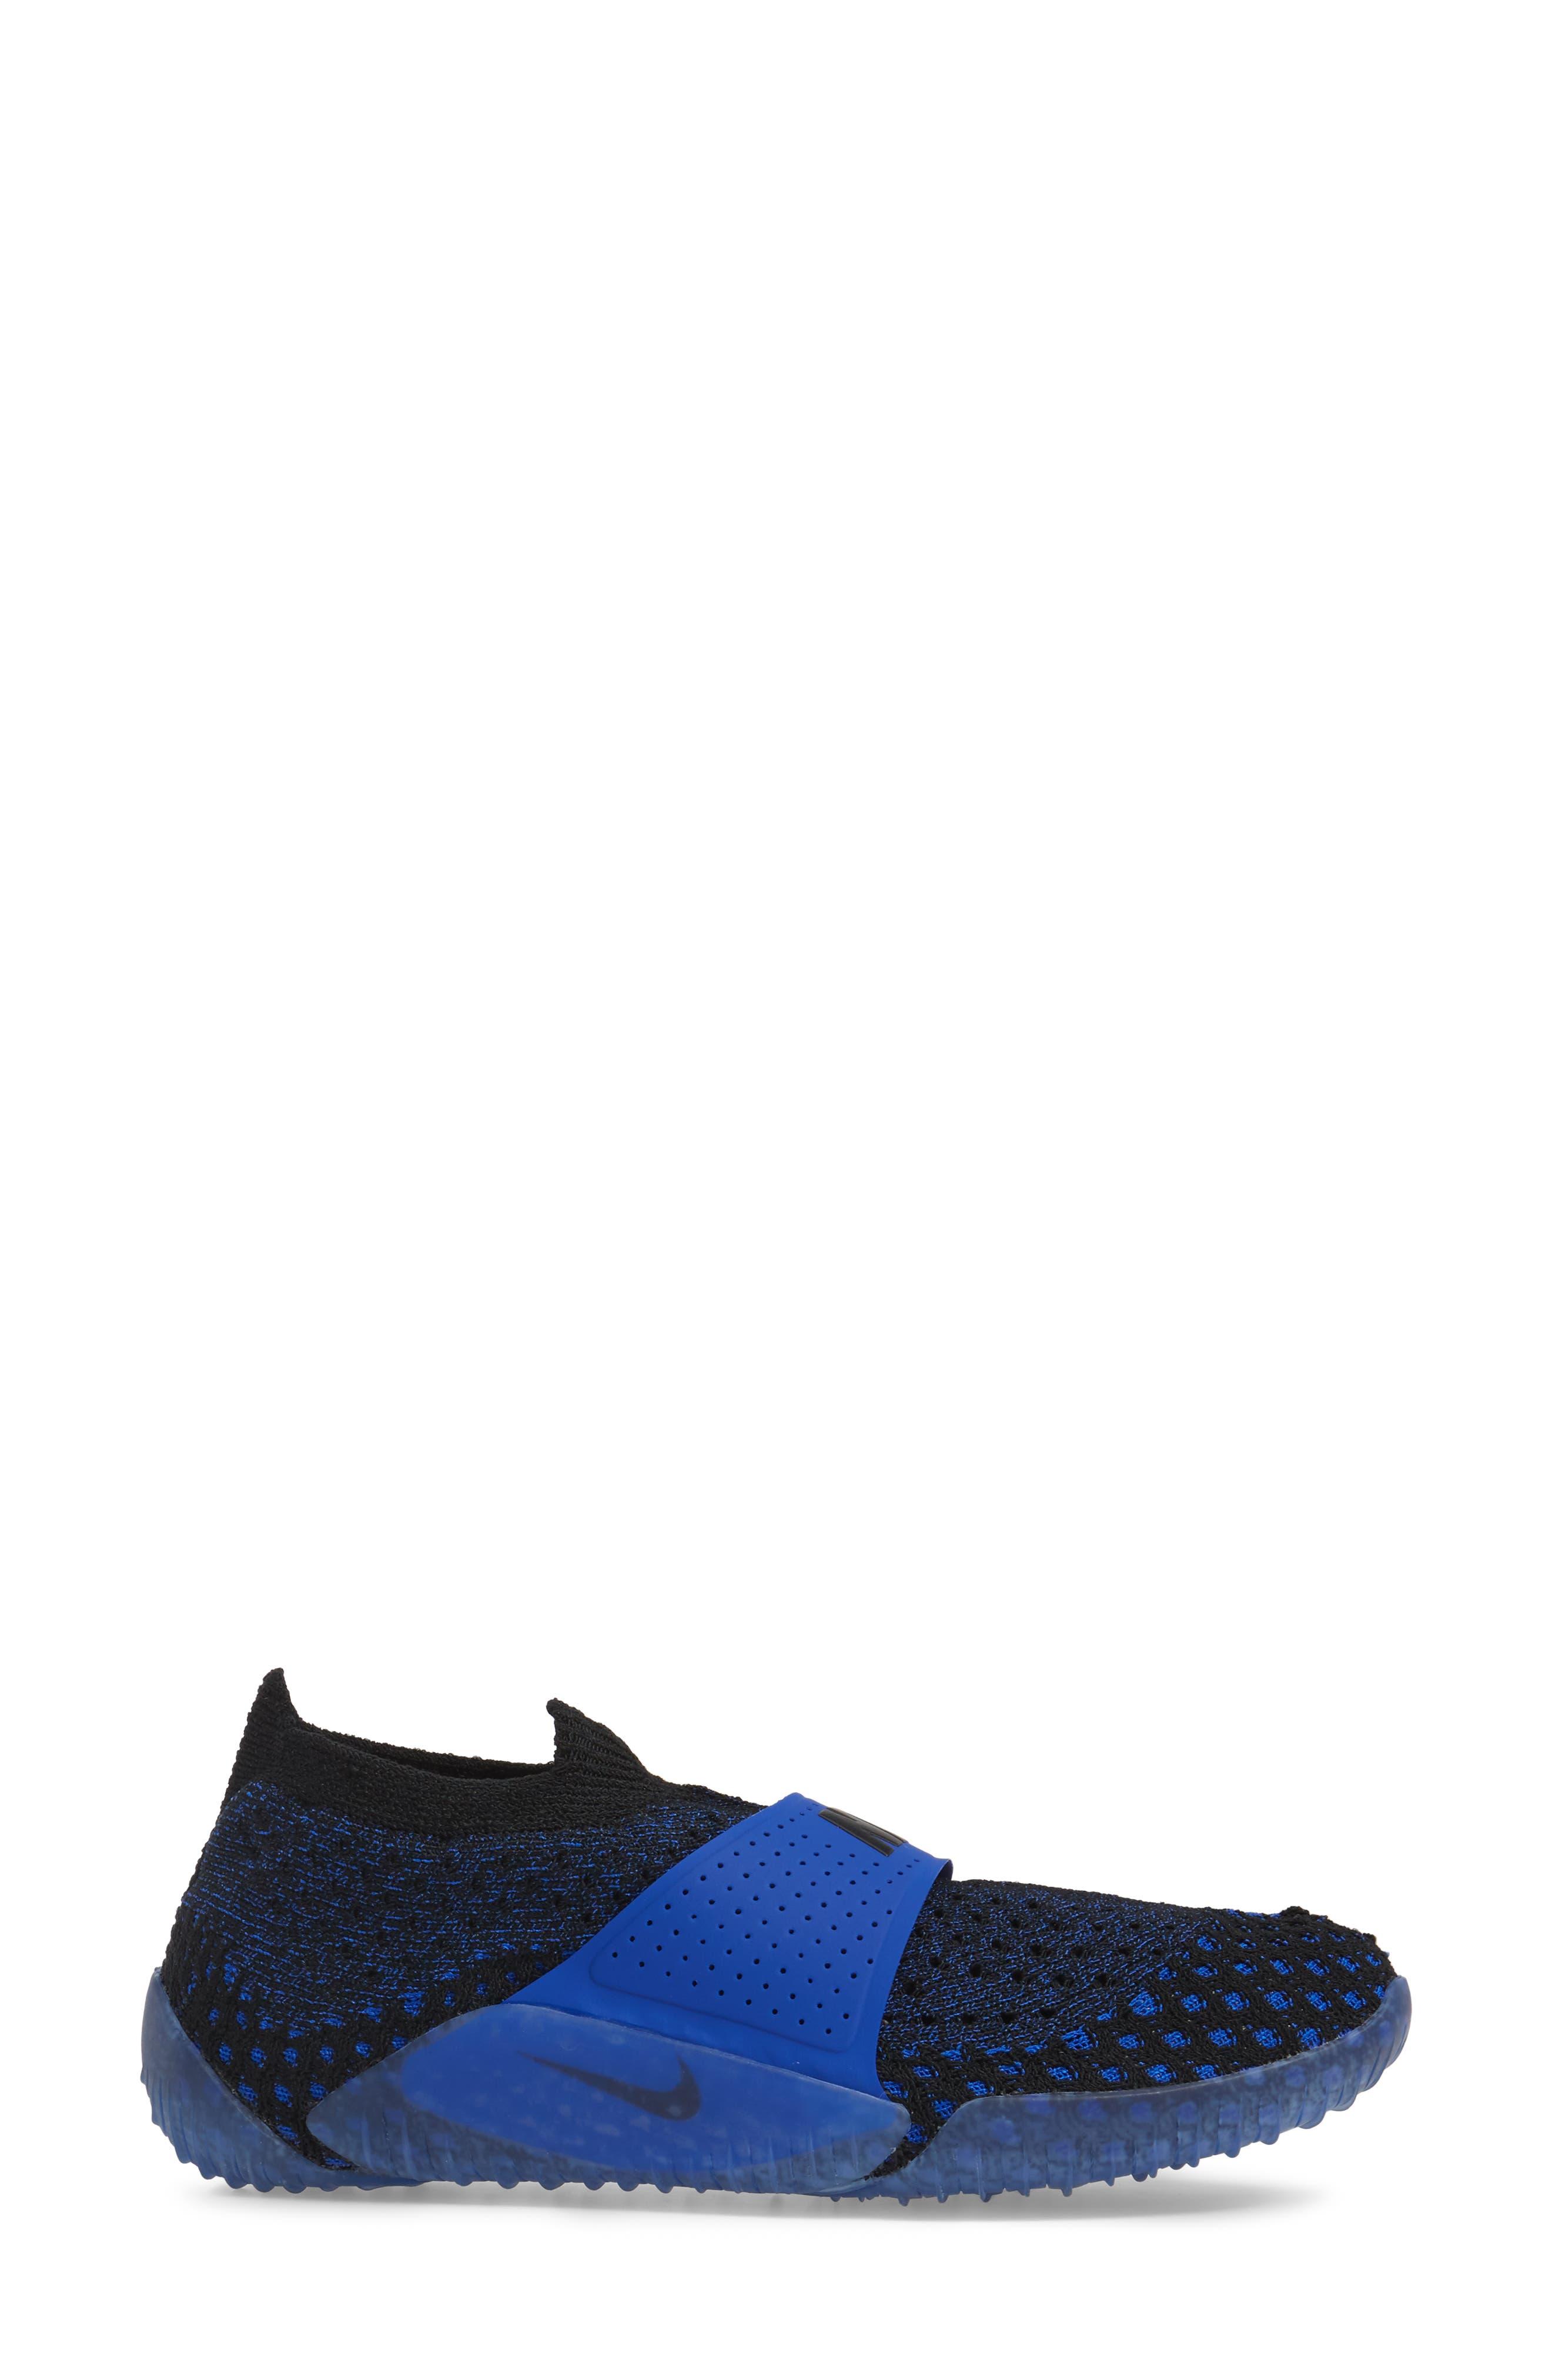 City Knife 3 Flyknit Sneaker,                             Alternate thumbnail 3, color,                             Racer Blue/ Black/ Black